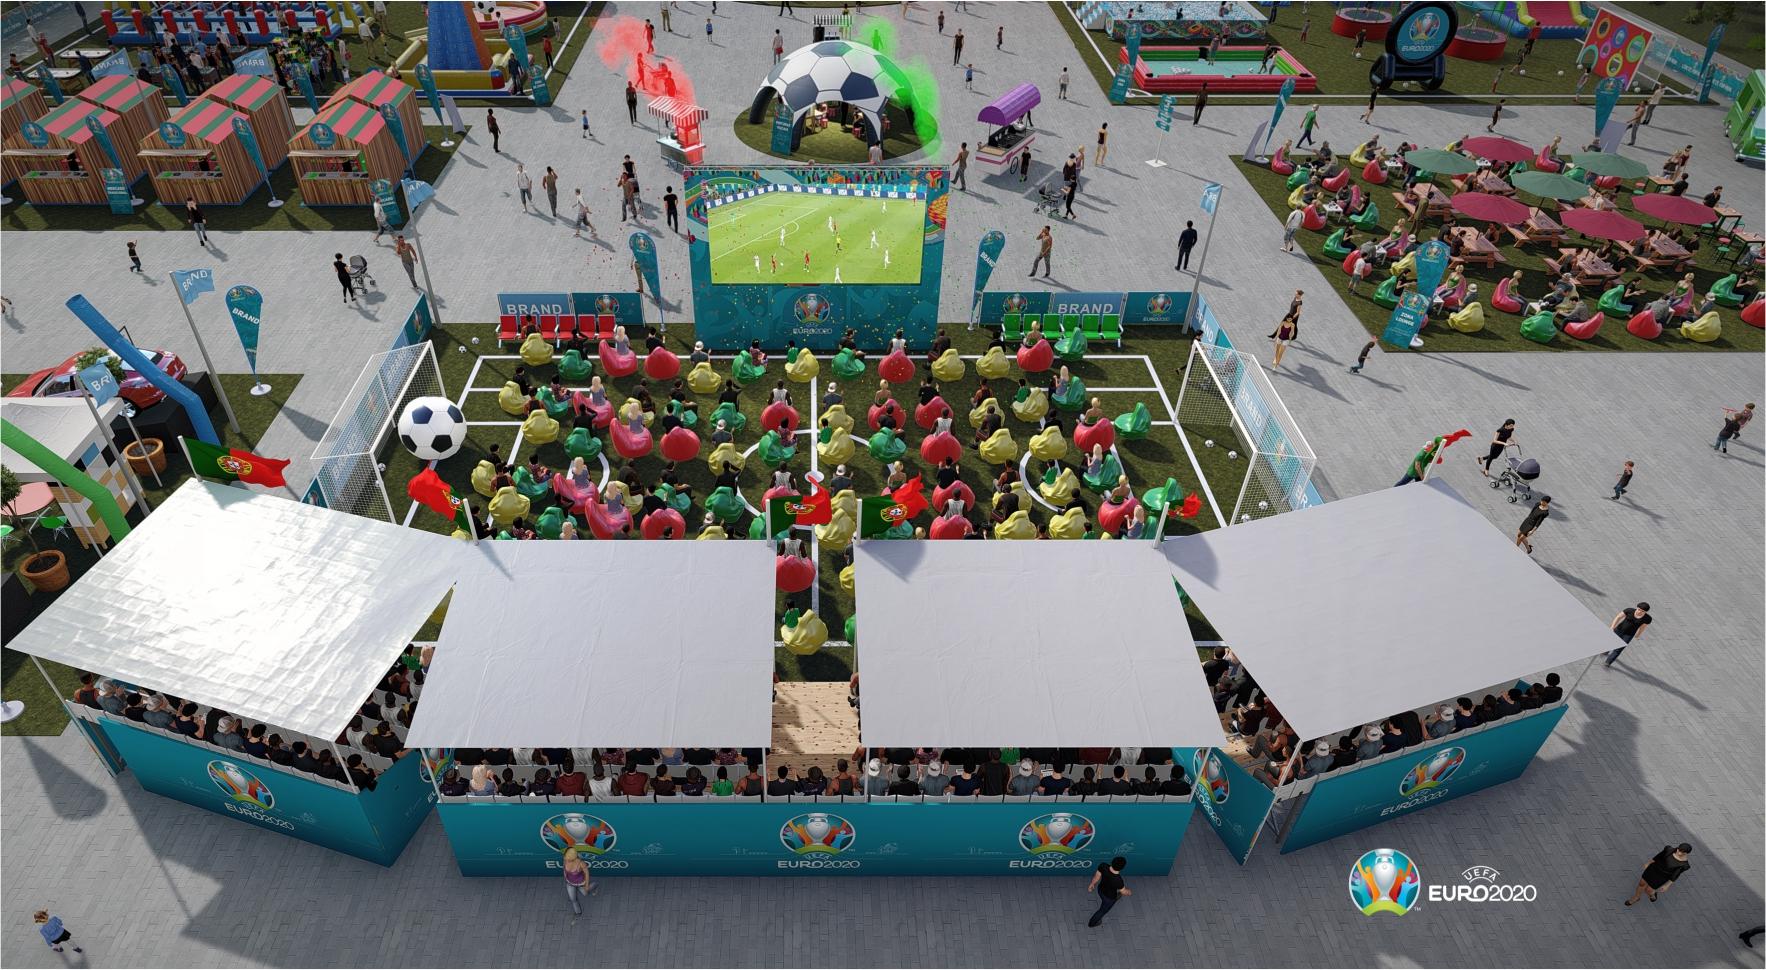 Fun Zone Euro 2020 mini estádio